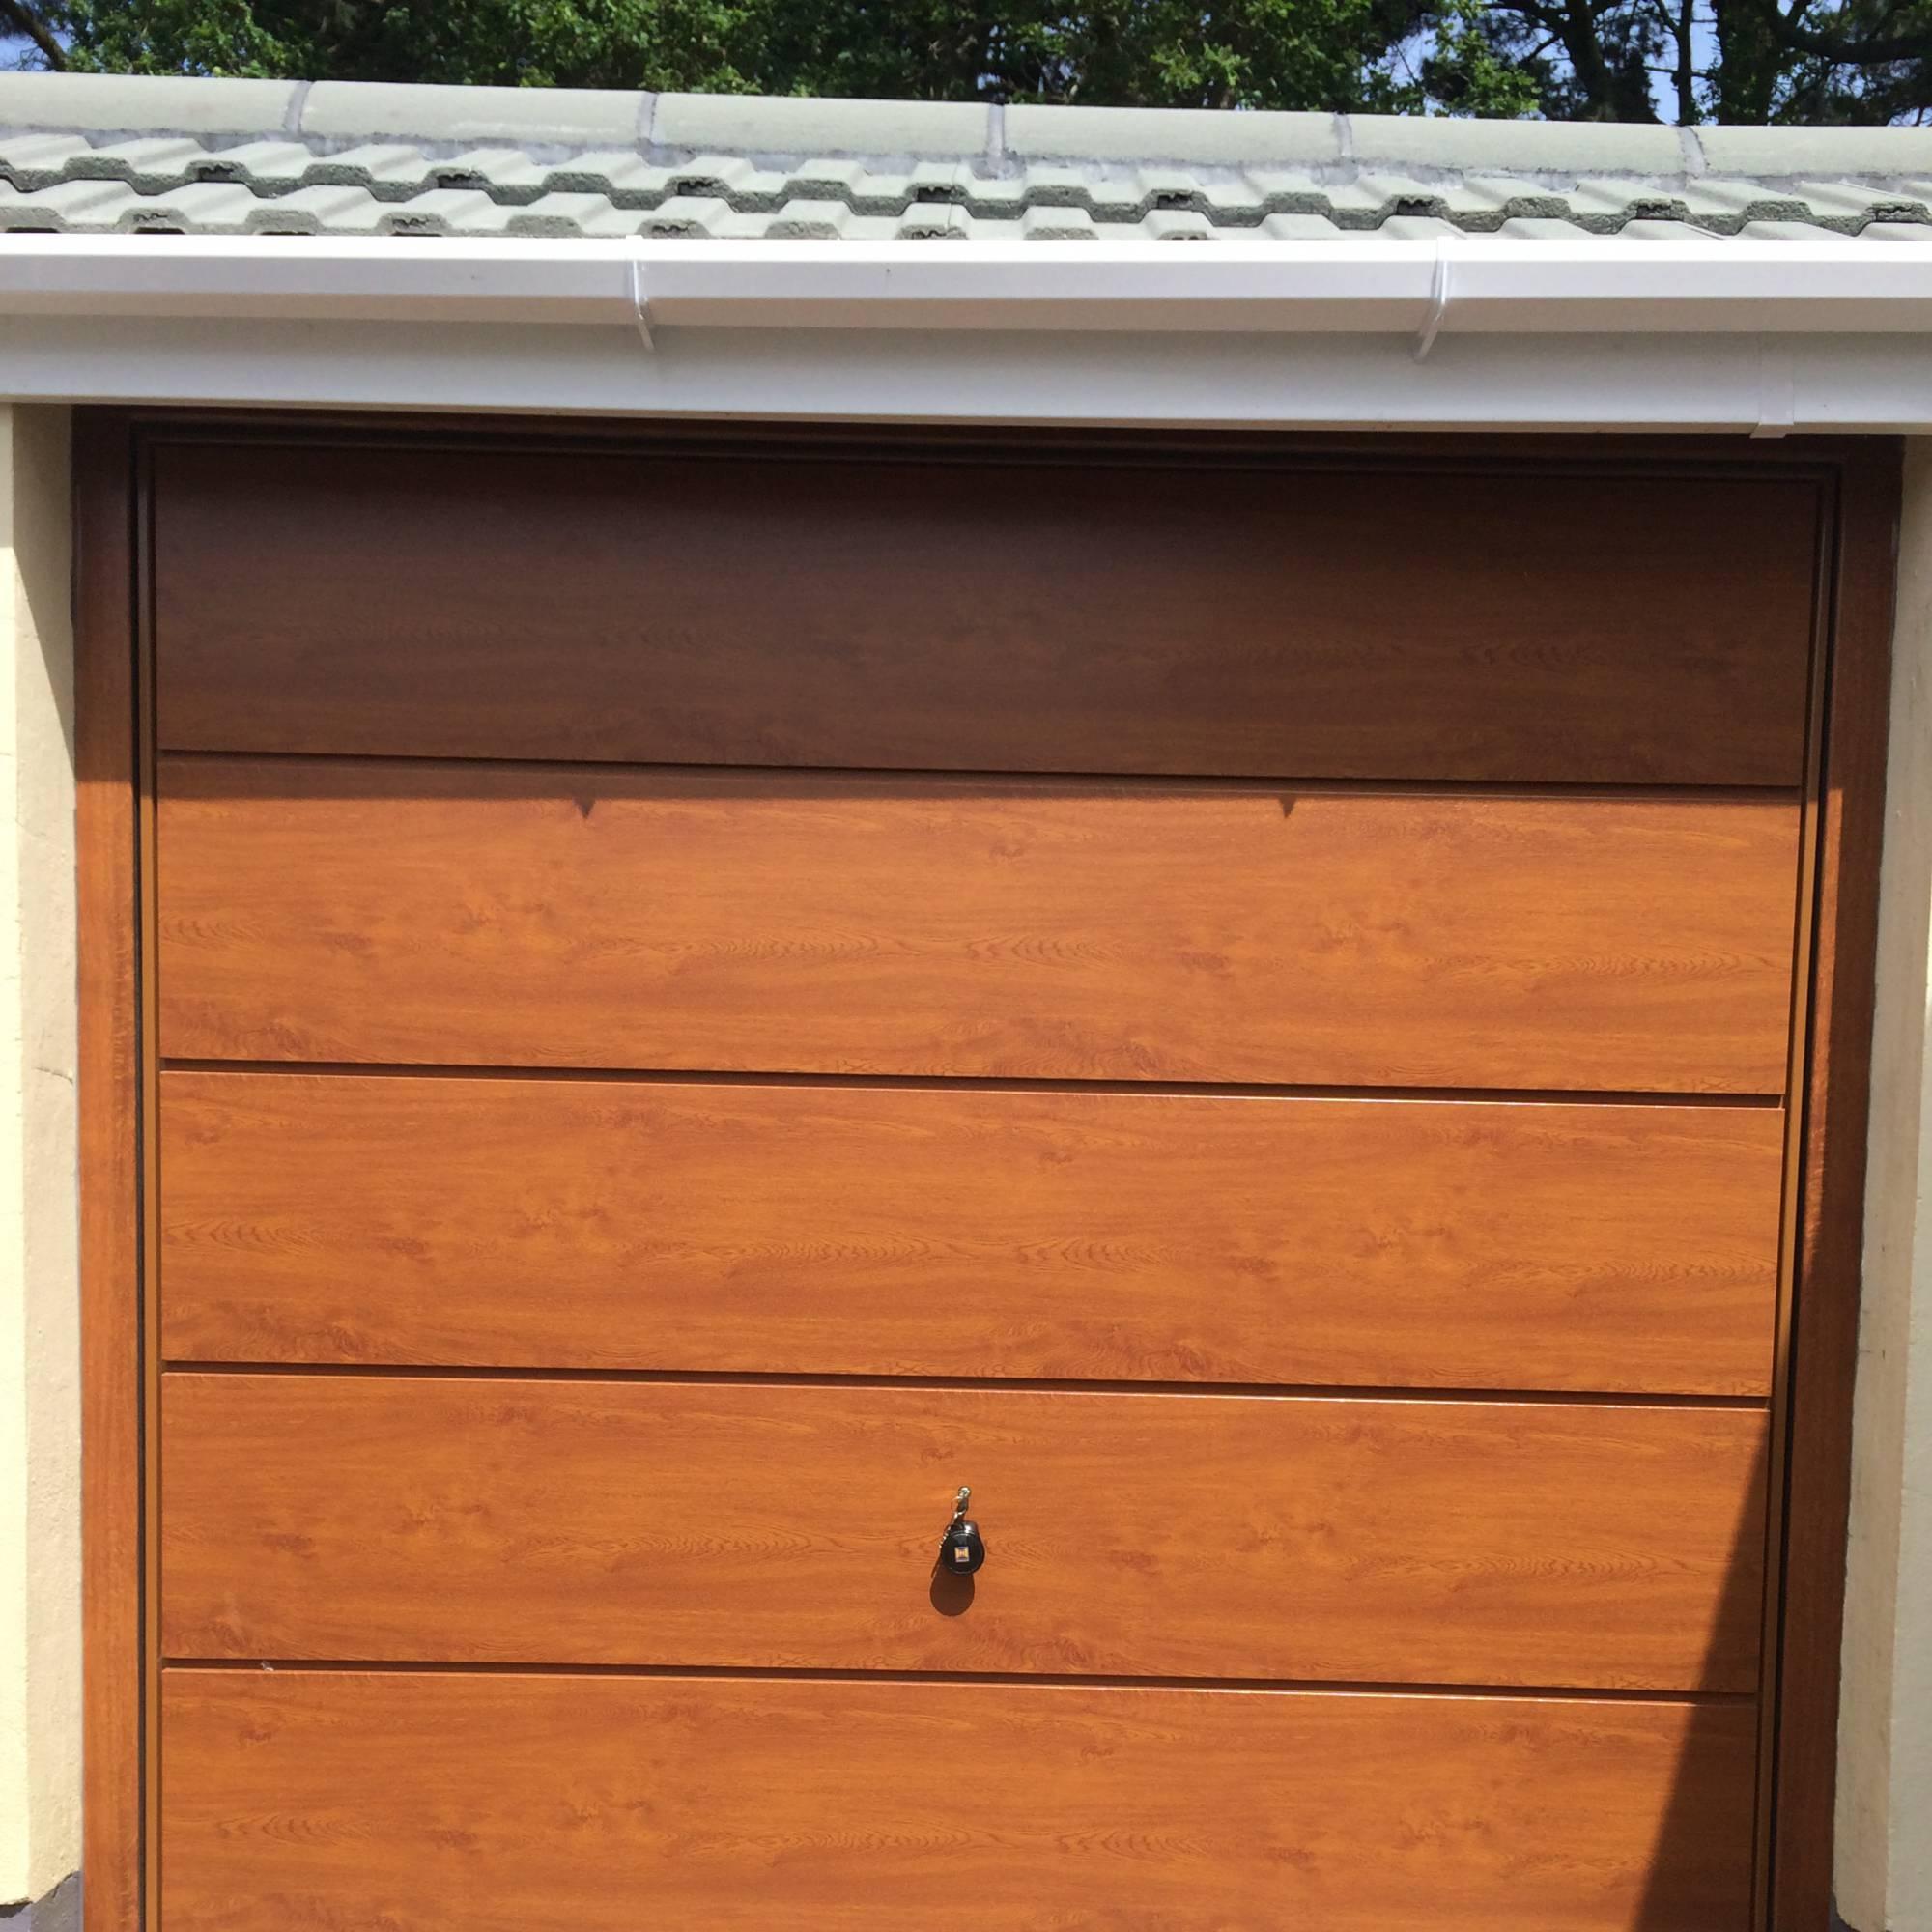 wood doors atl handcrafted garage door georgia overhead horizontal of stunning news custom